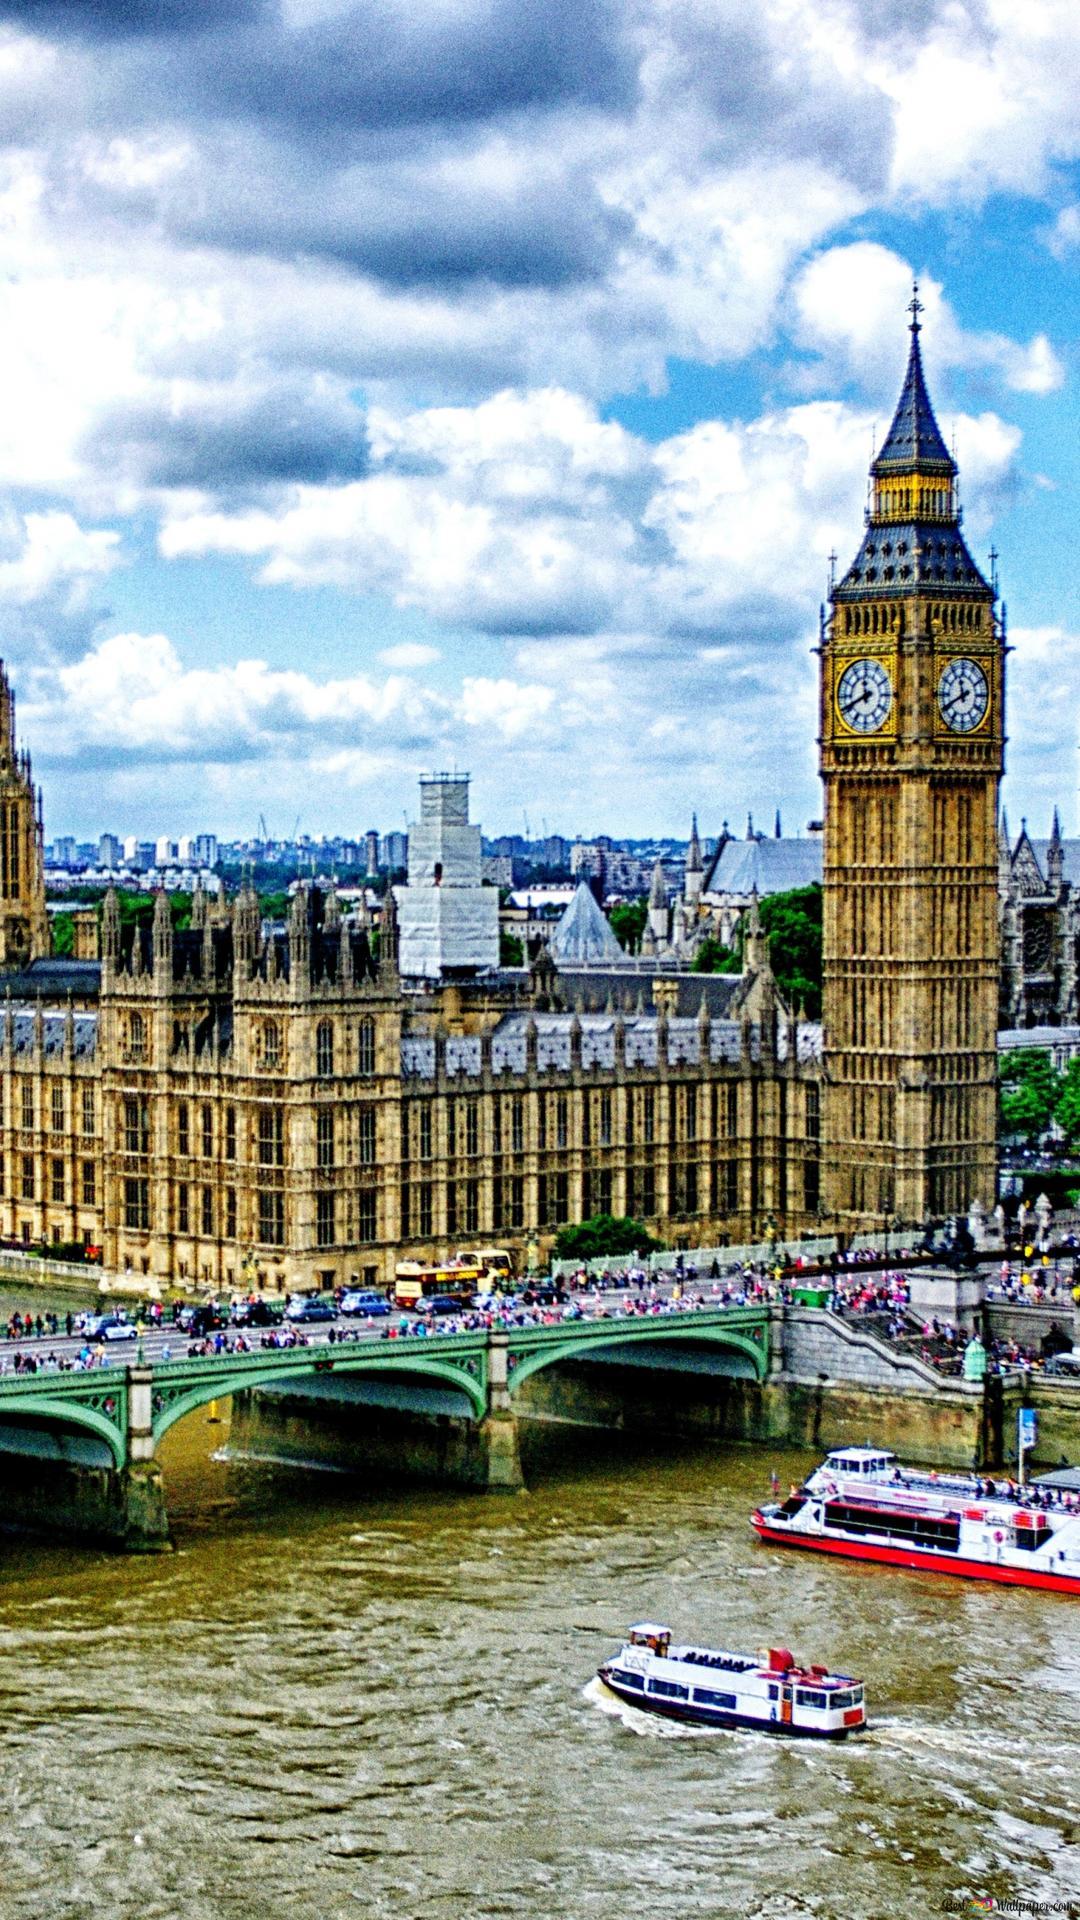 ロンドンのウェストミンスター宮殿や街の景色 Hd壁紙のダウンロード